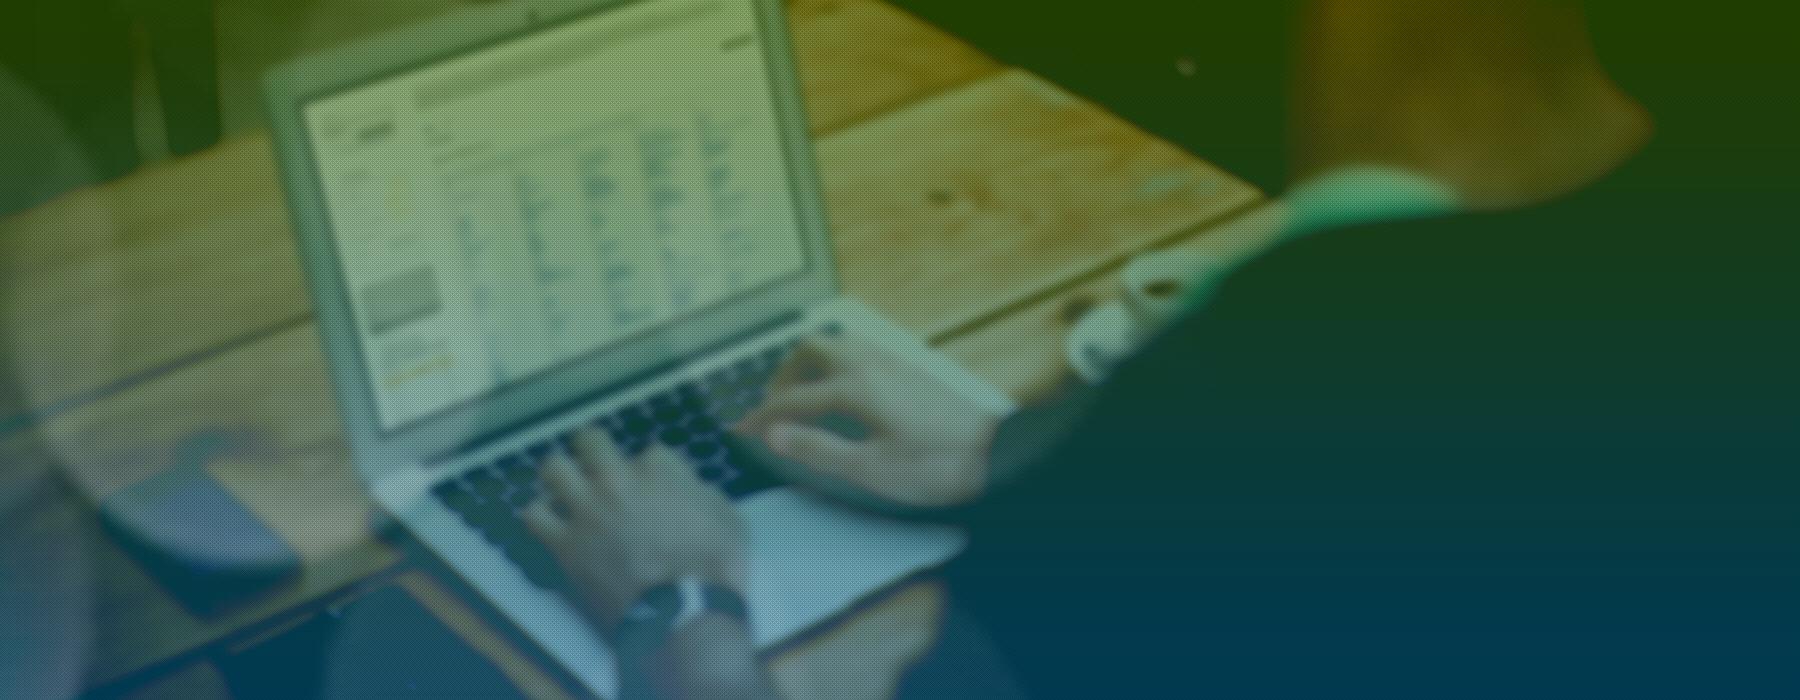 datadevices-background